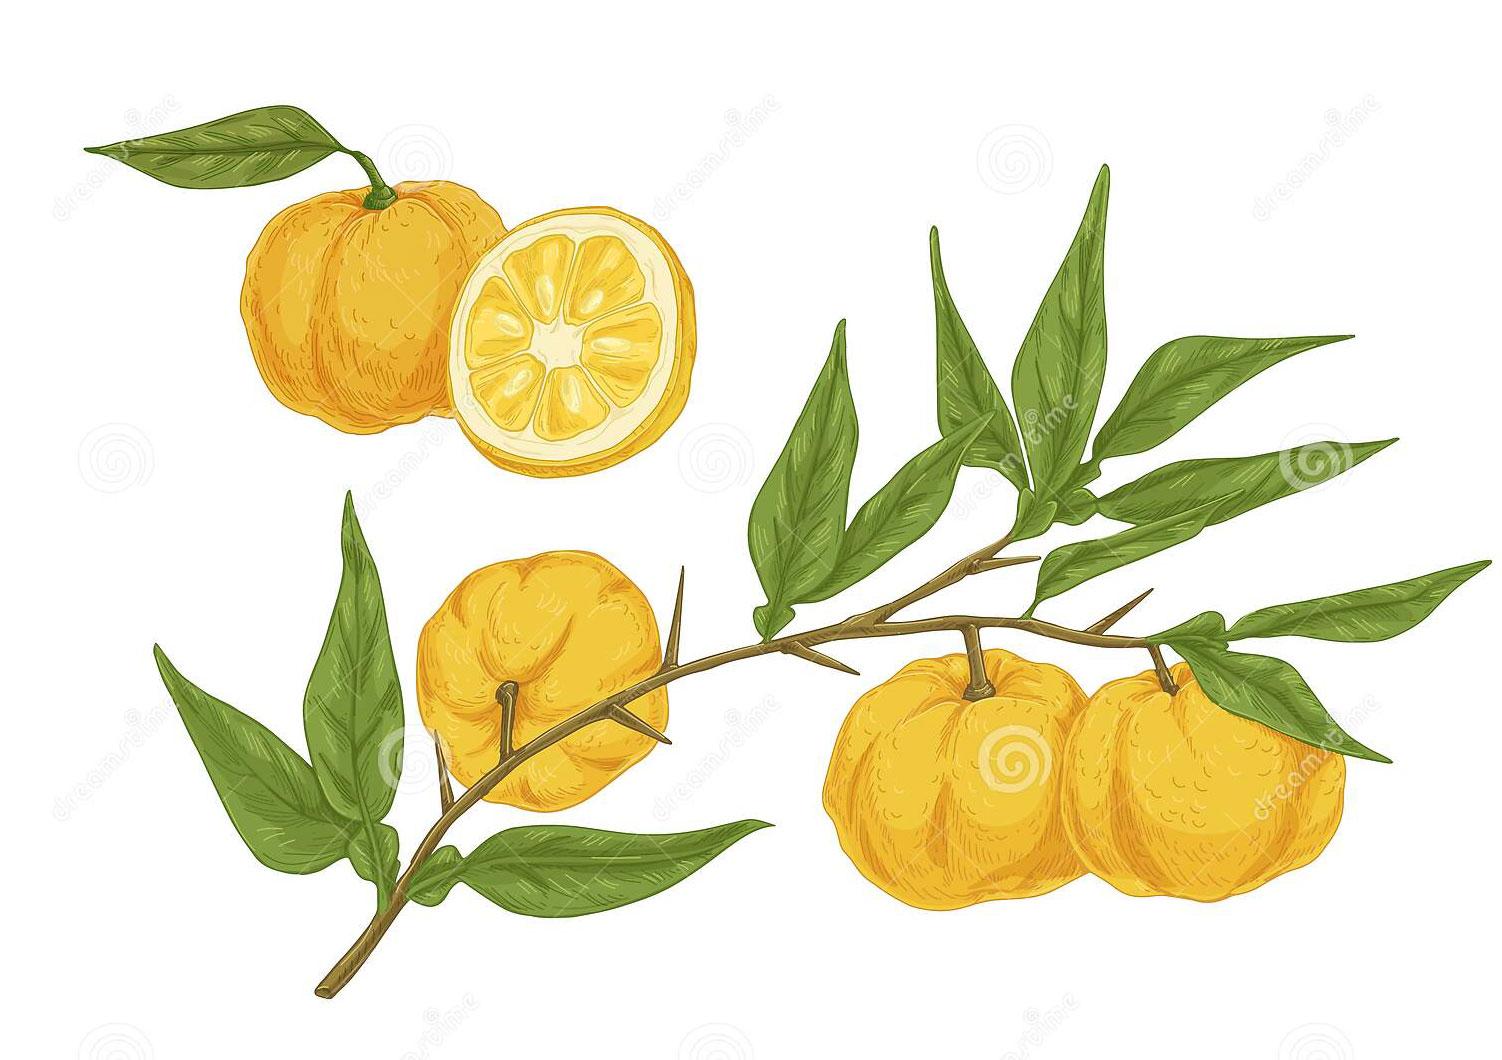 Plant-illustration-of-Yuzu-Fruit